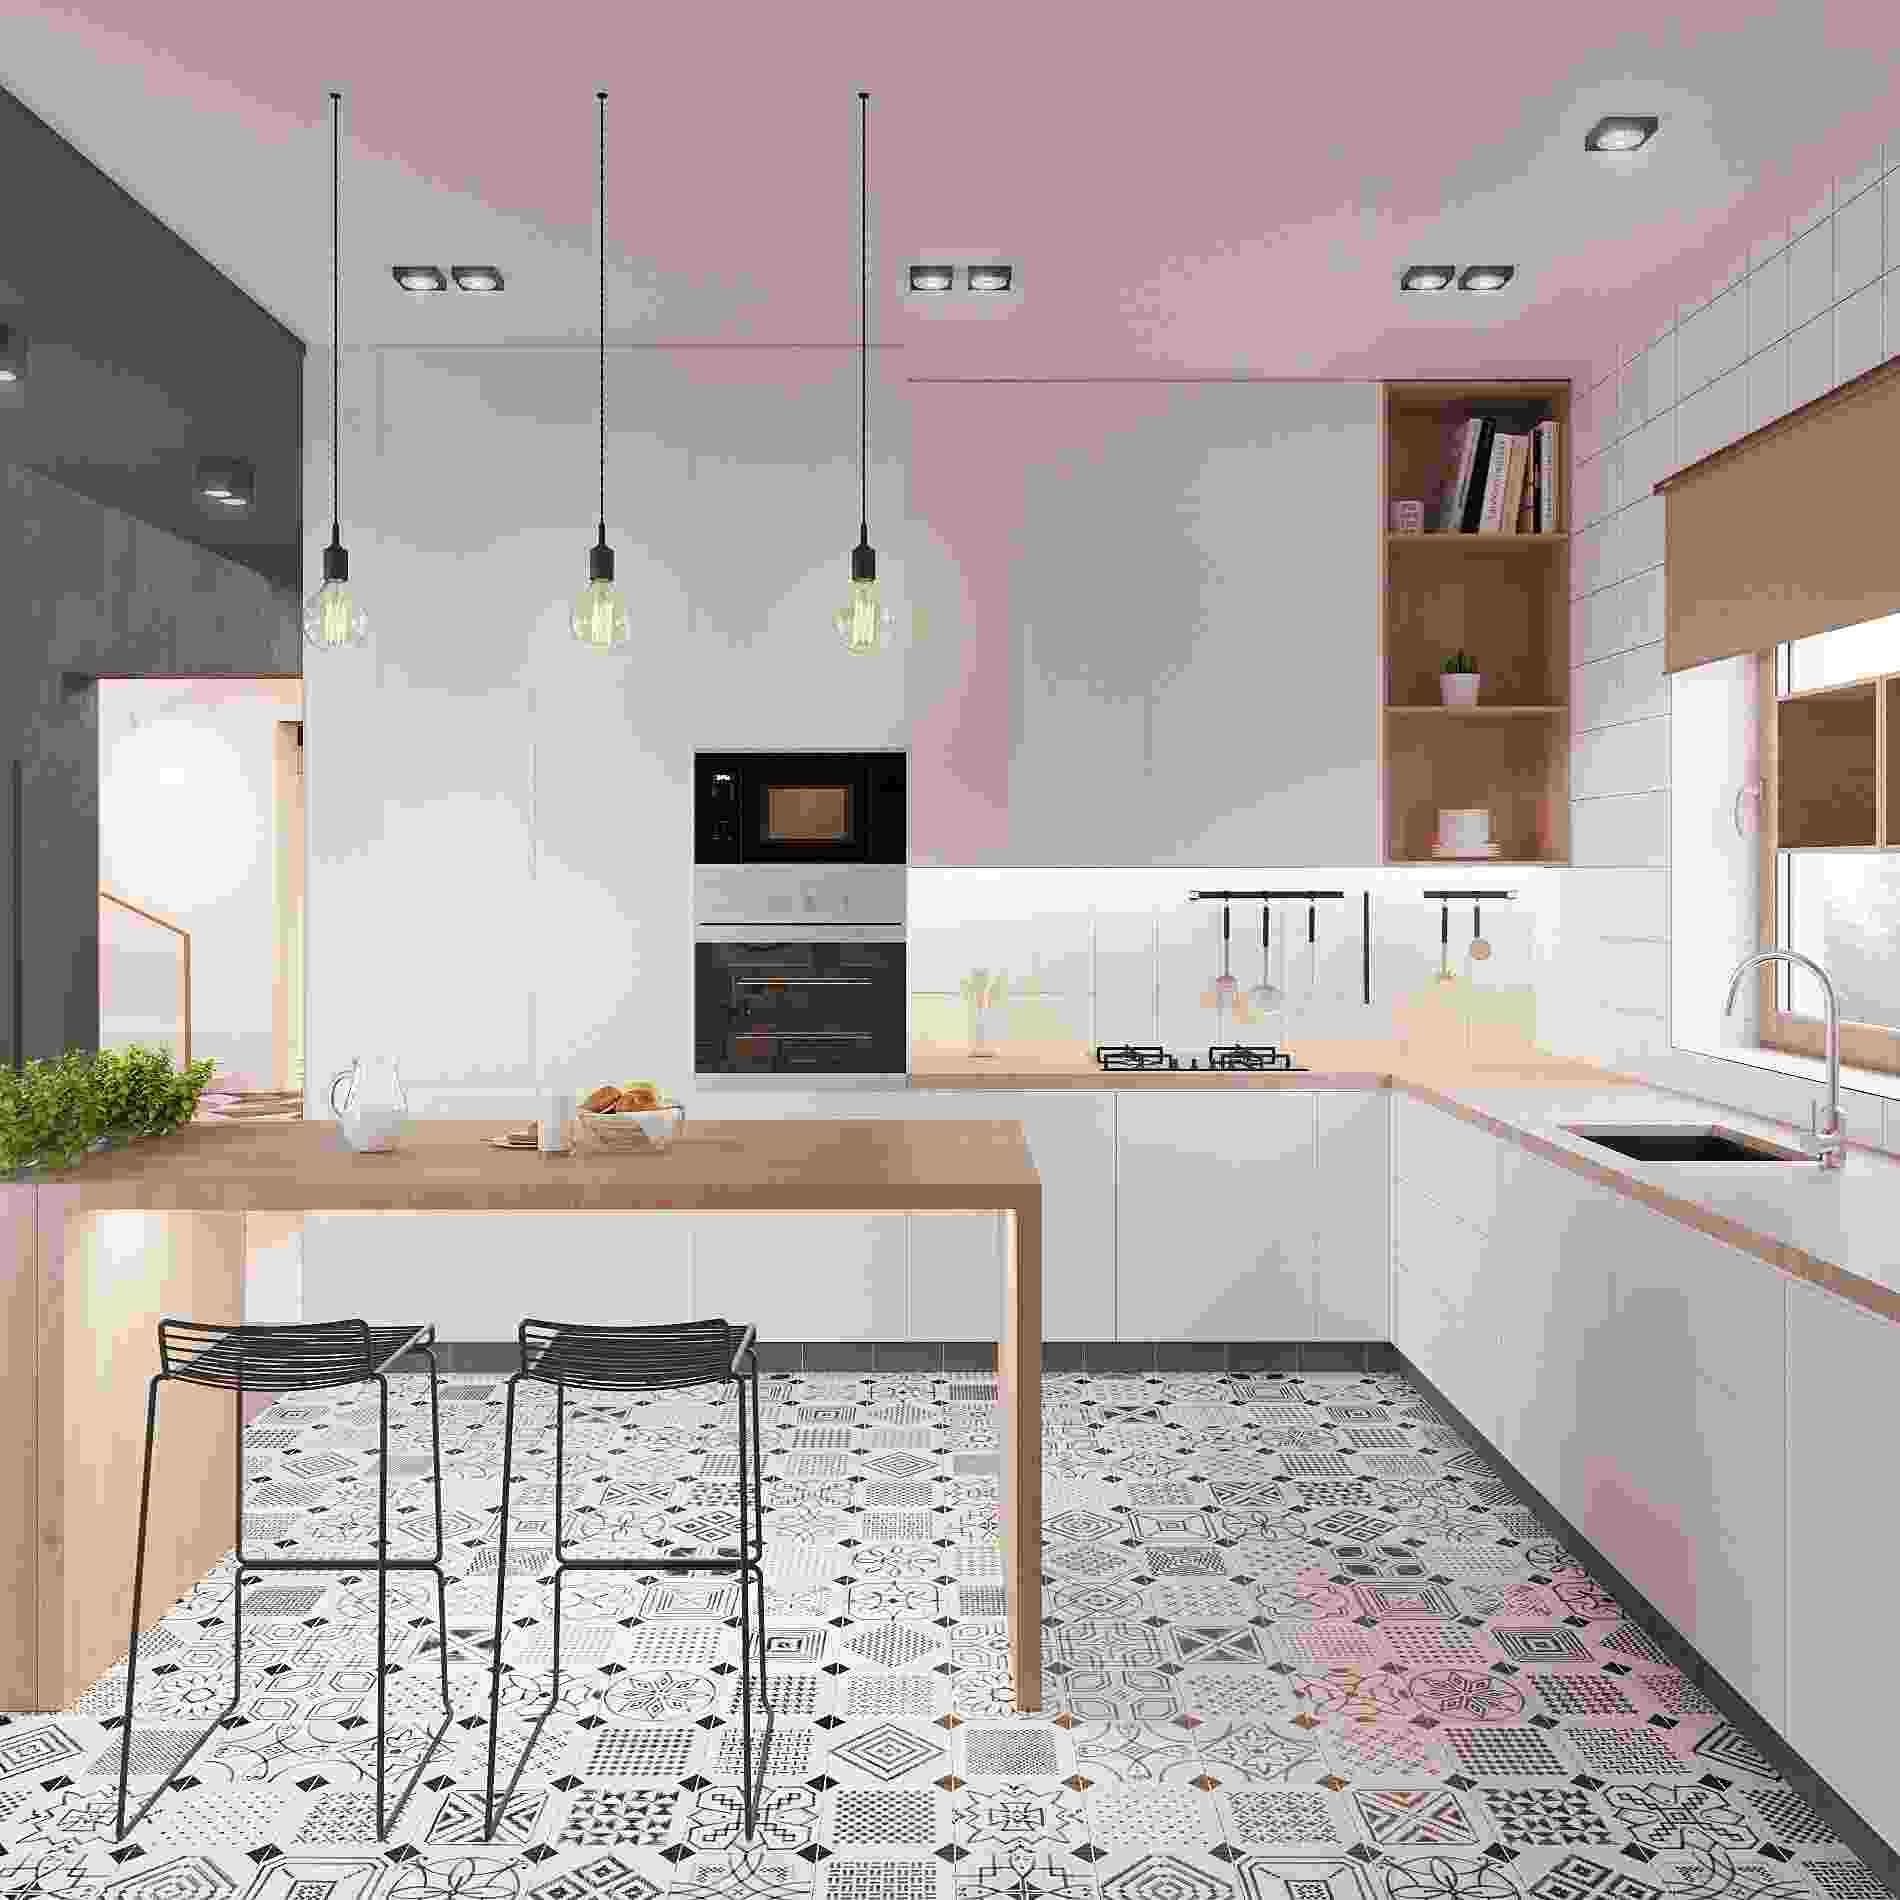 Full Size of Küchenrückwand Ideen Skandinavische Kche Stilvoll Einrichten 50 Und Ispirationen Bad Renovieren Wohnzimmer Tapeten Wohnzimmer Küchenrückwand Ideen